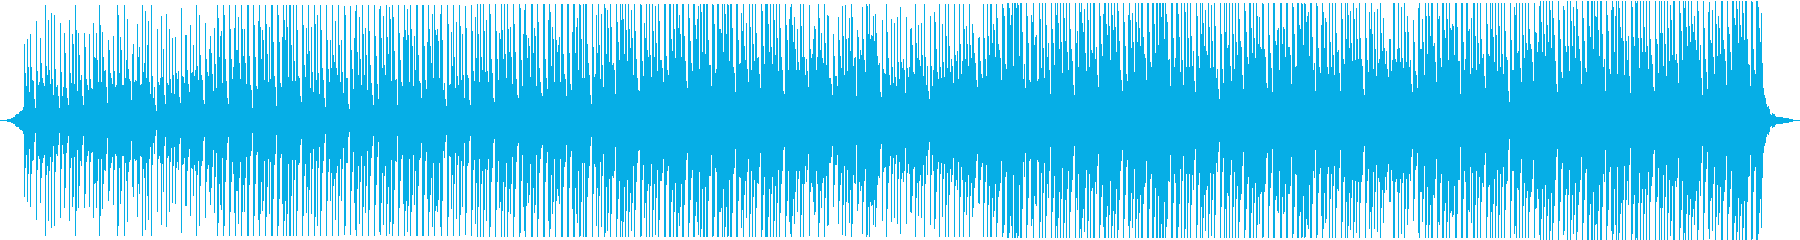 クリーン 清涼感 ハウス リフレッシュの再生済みの波形